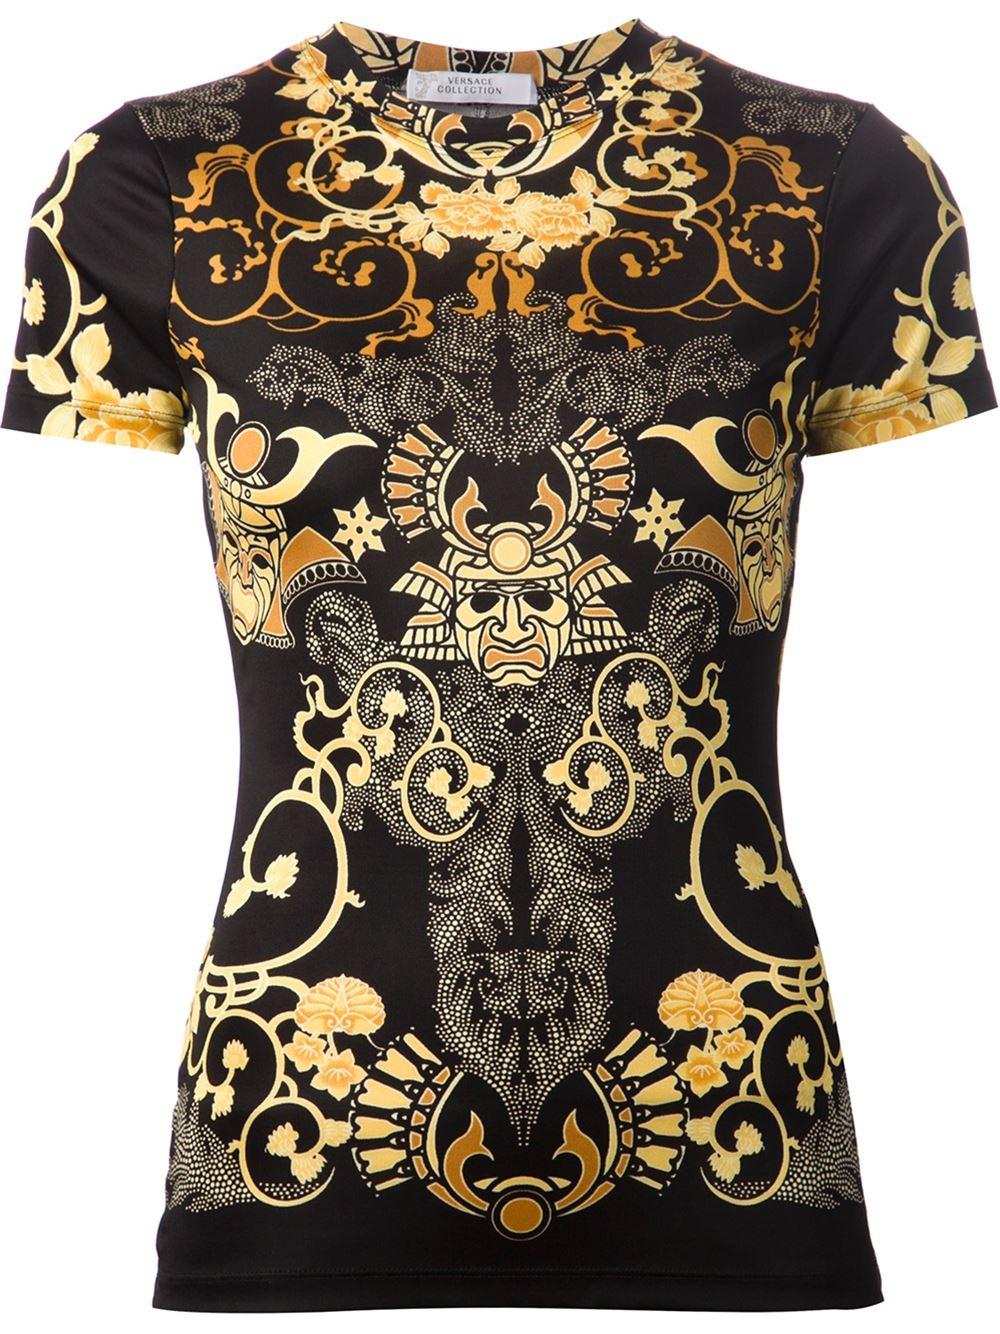 versace t shirts online dsquared2 uk. Black Bedroom Furniture Sets. Home Design Ideas